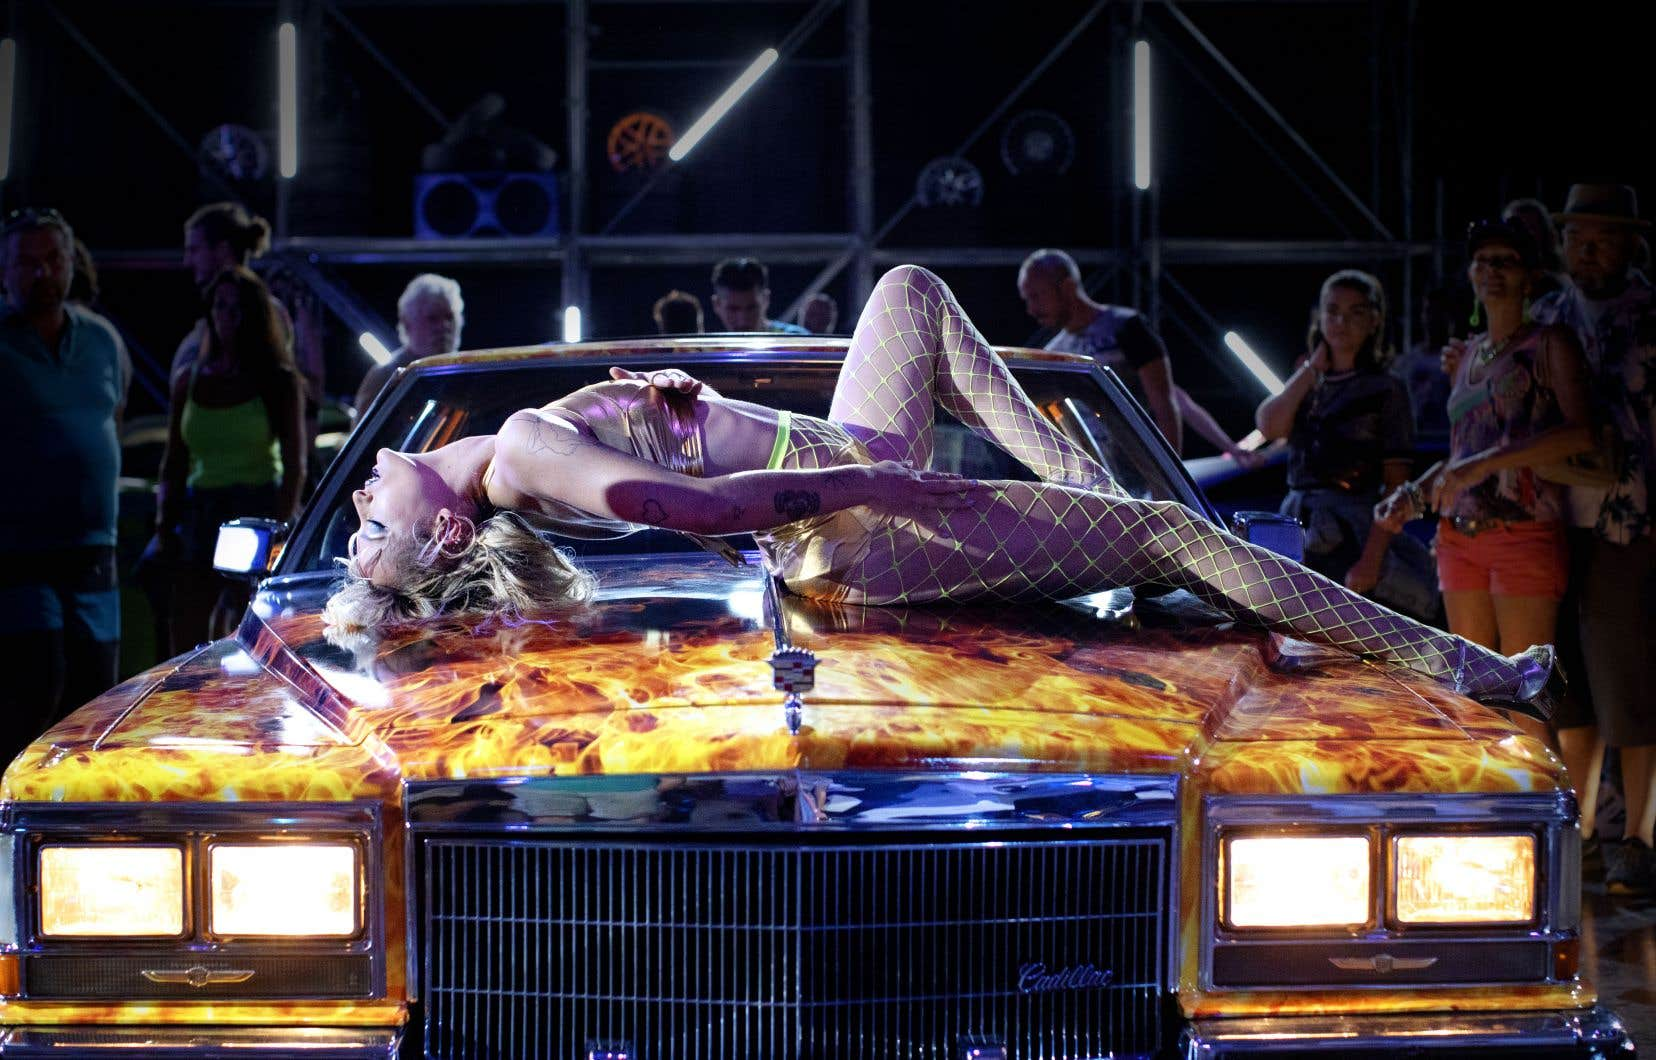 Alexia adulte (Agathe Rousselle, une révélation) travaille comme danseuse dans des expositions automobiles. En communion lascive avec le véhicule tout de flammes peintes sur le capot duquel elle se produit, Alexia exerce d'abord ce métier pour être au plus près des voitures.